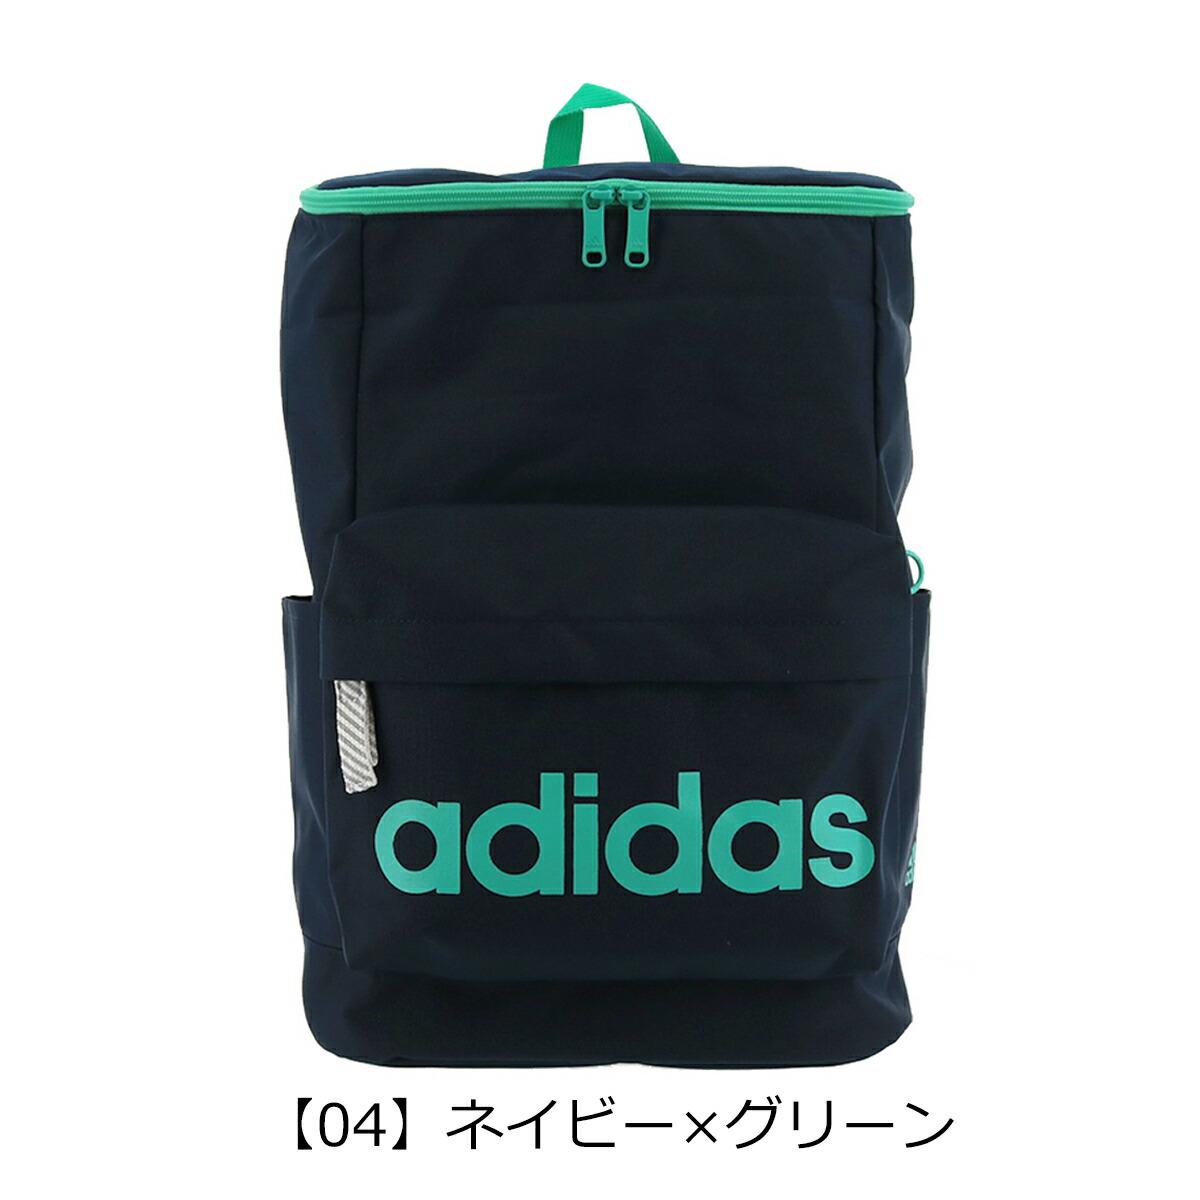 【12】ブラック×ピンク